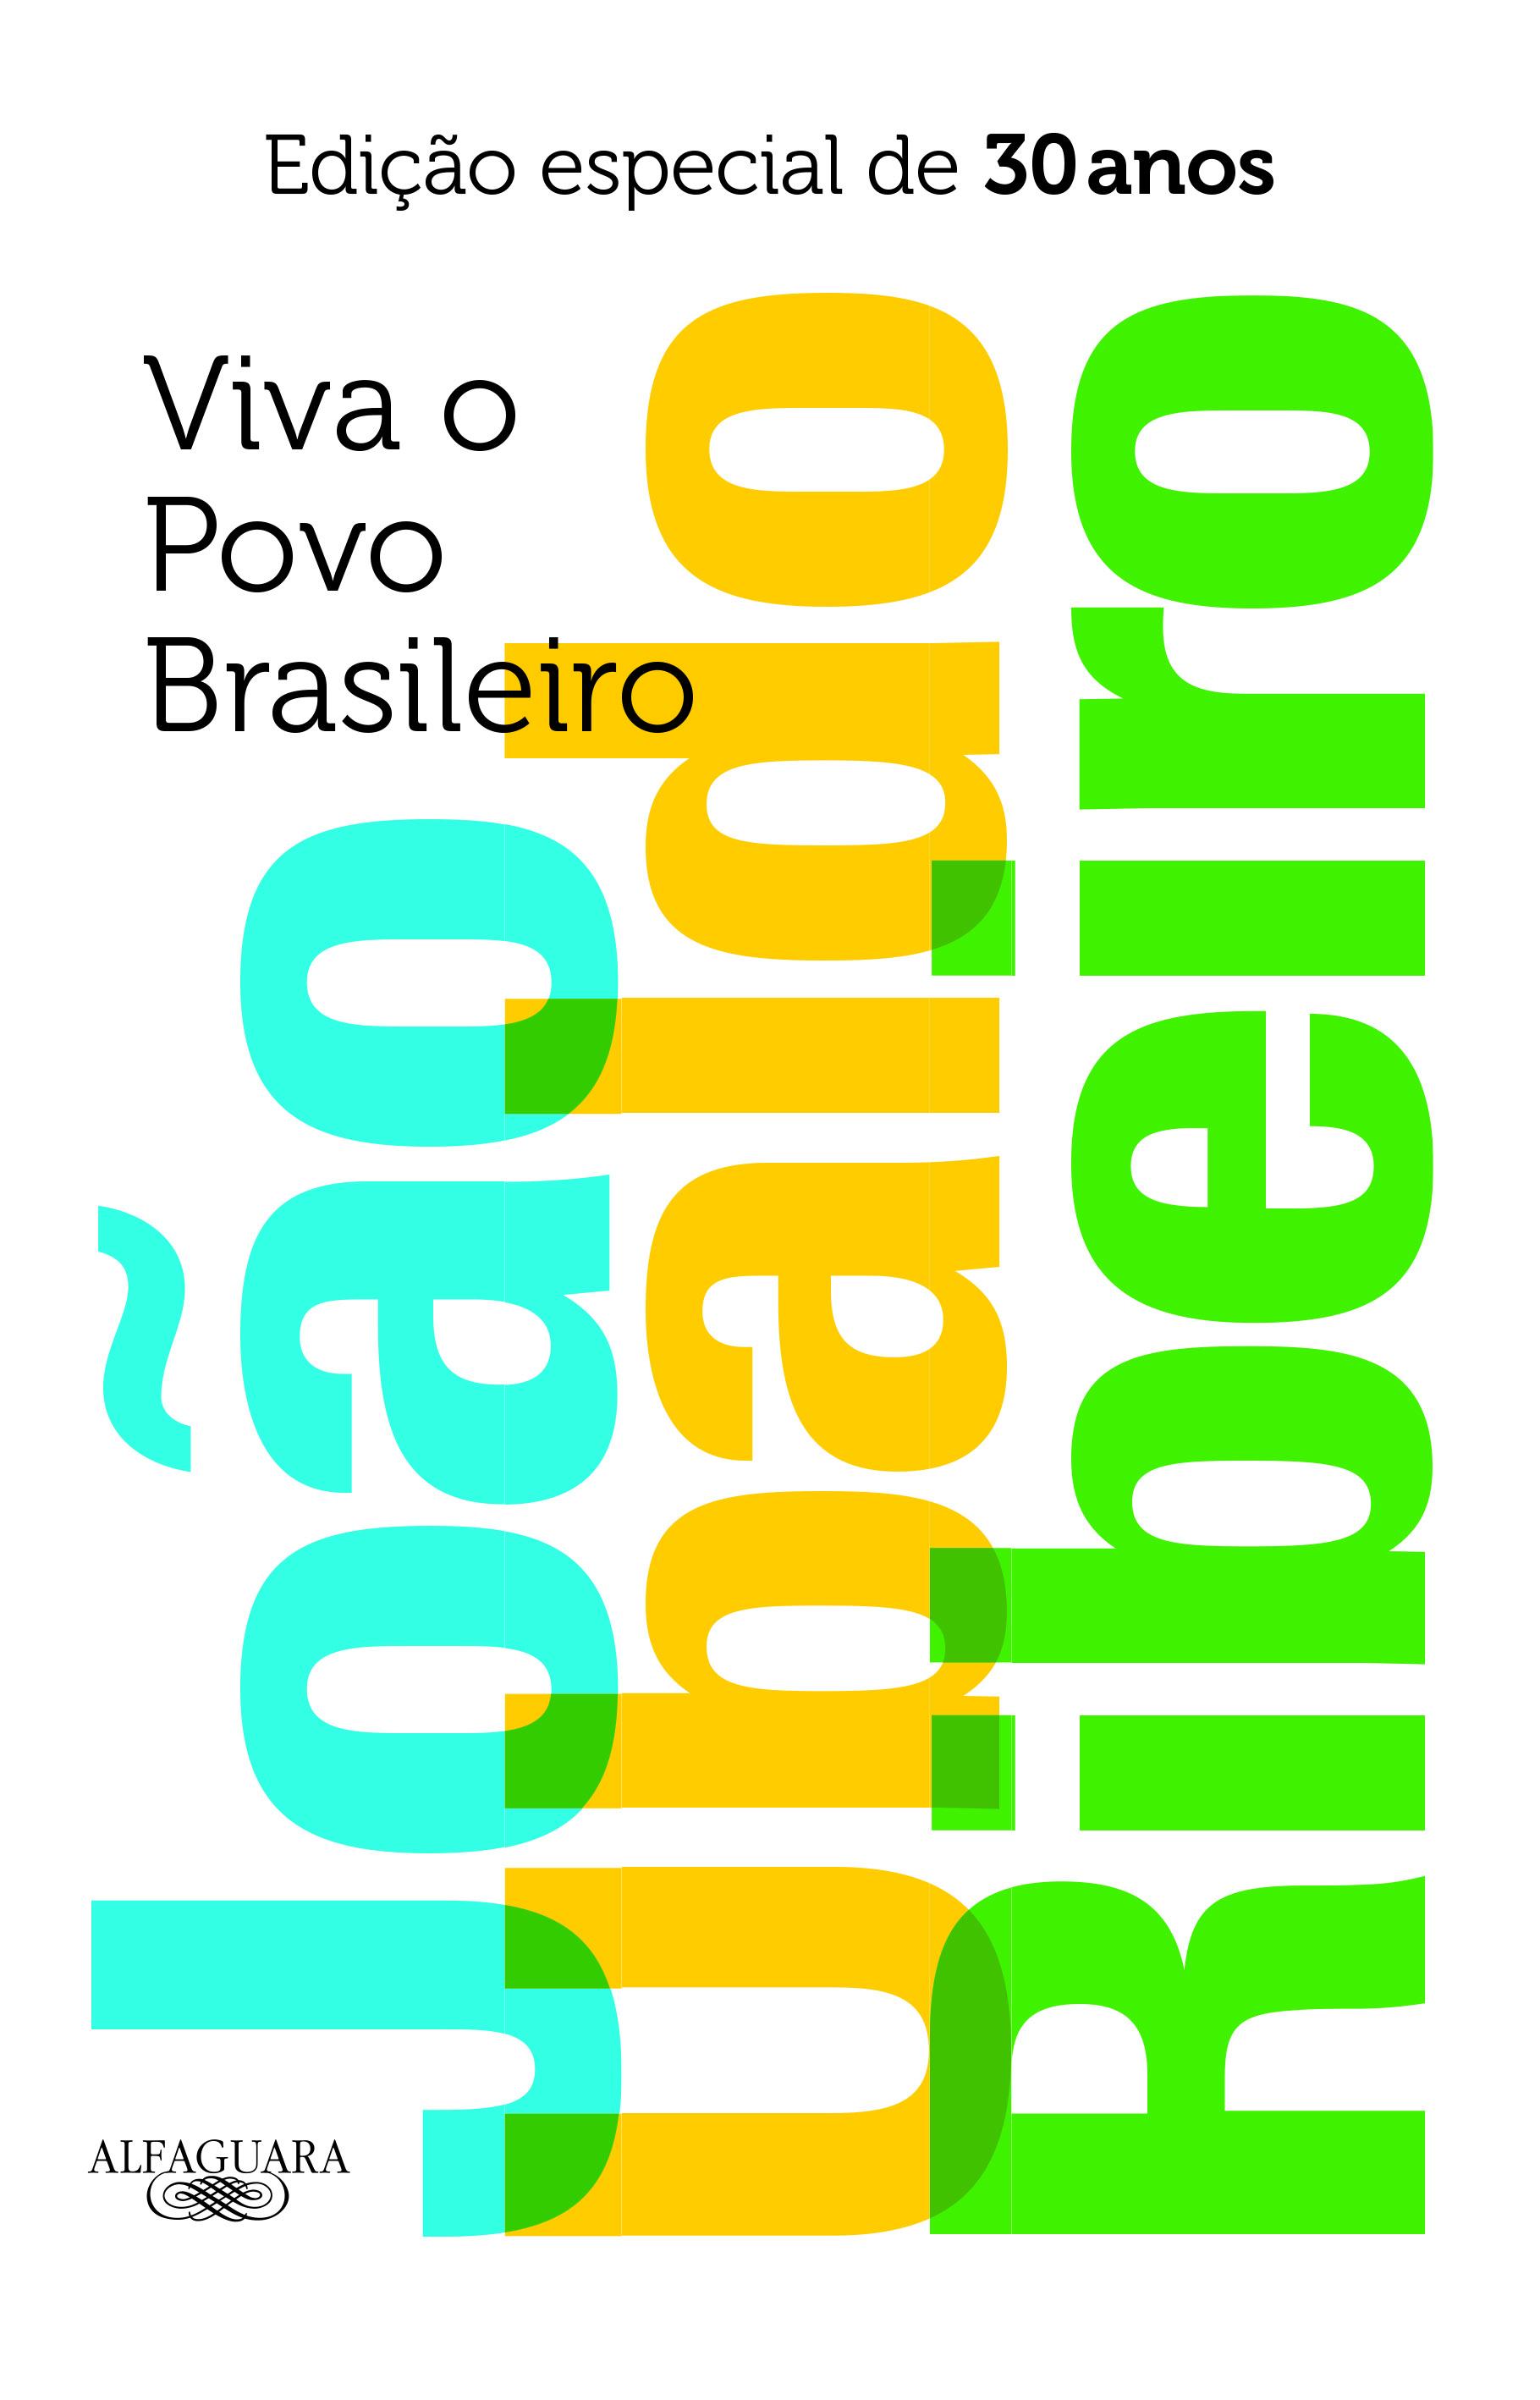 Capa_Viva o povo brasileiro - Edicao especial.indd